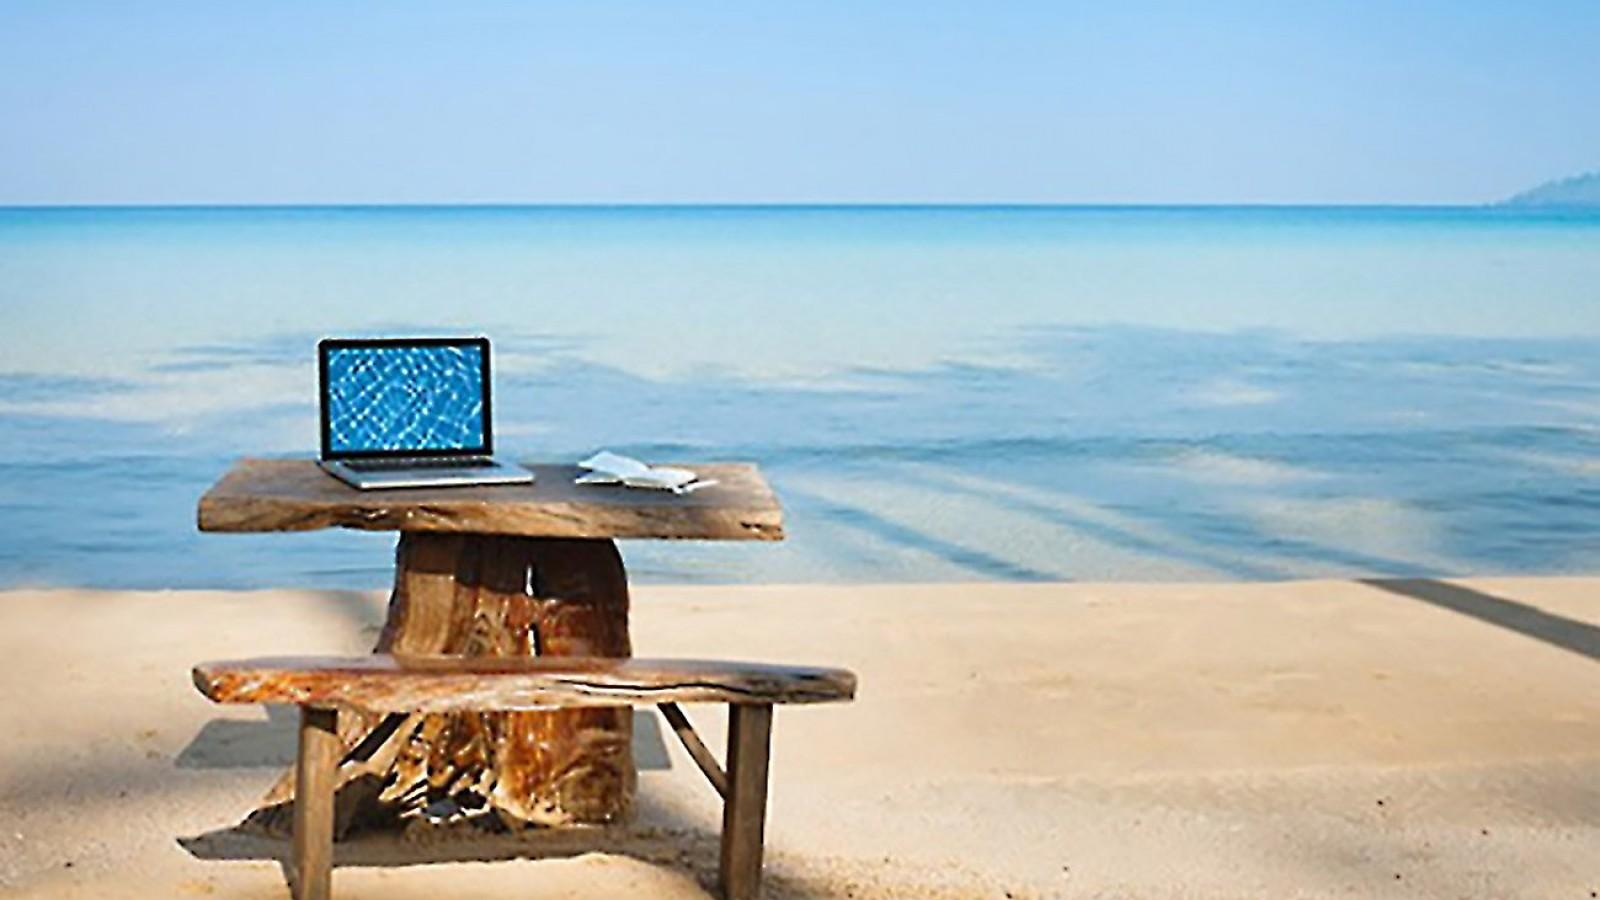 Summer_office__1600_900_90_s_c1.jpg